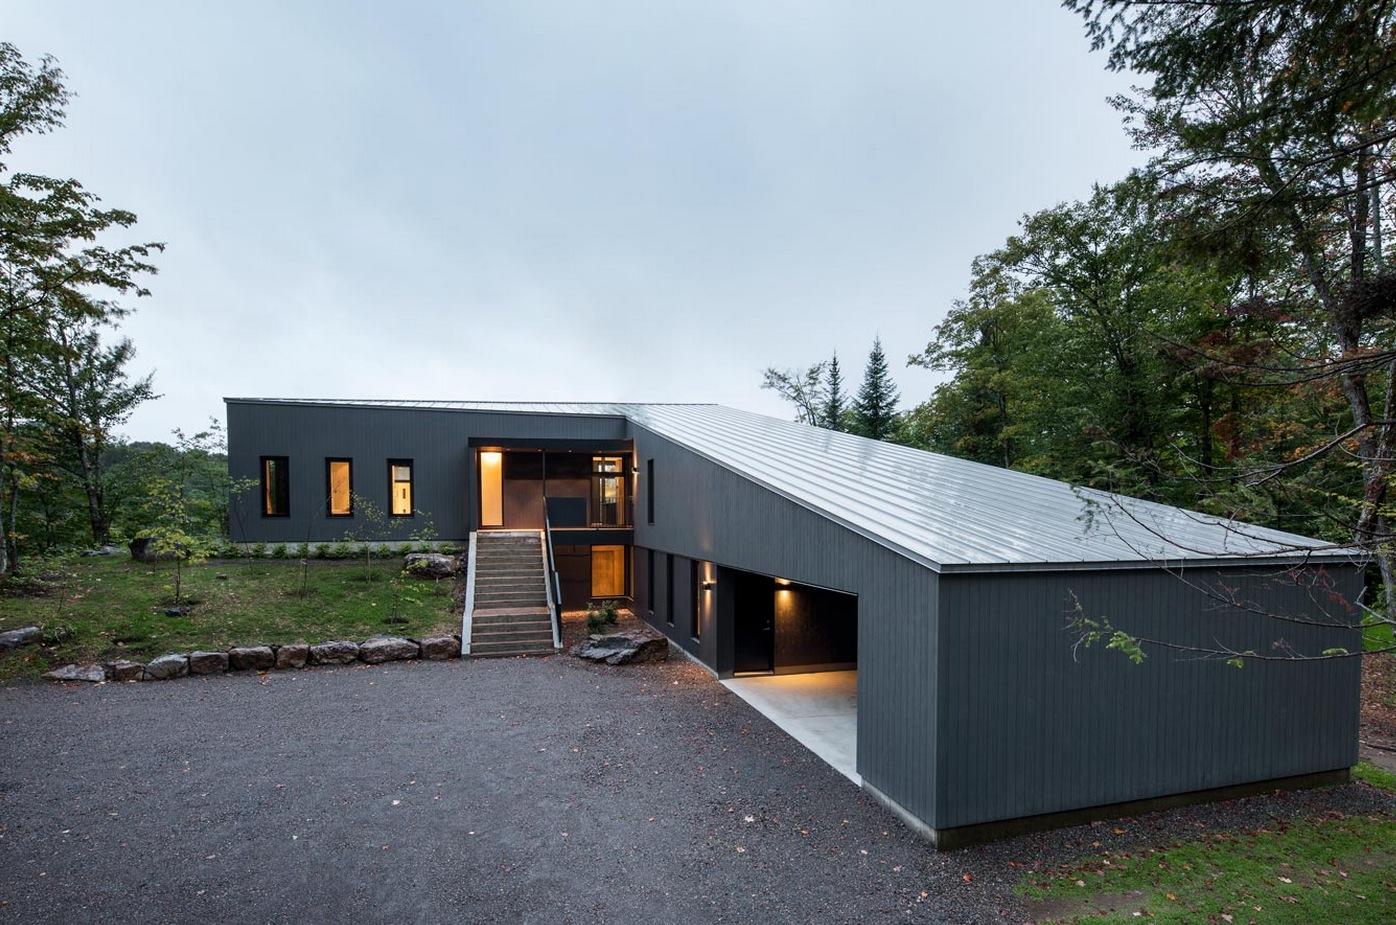 La-Sentinelle-Naturhumaine-Joli-Design-02